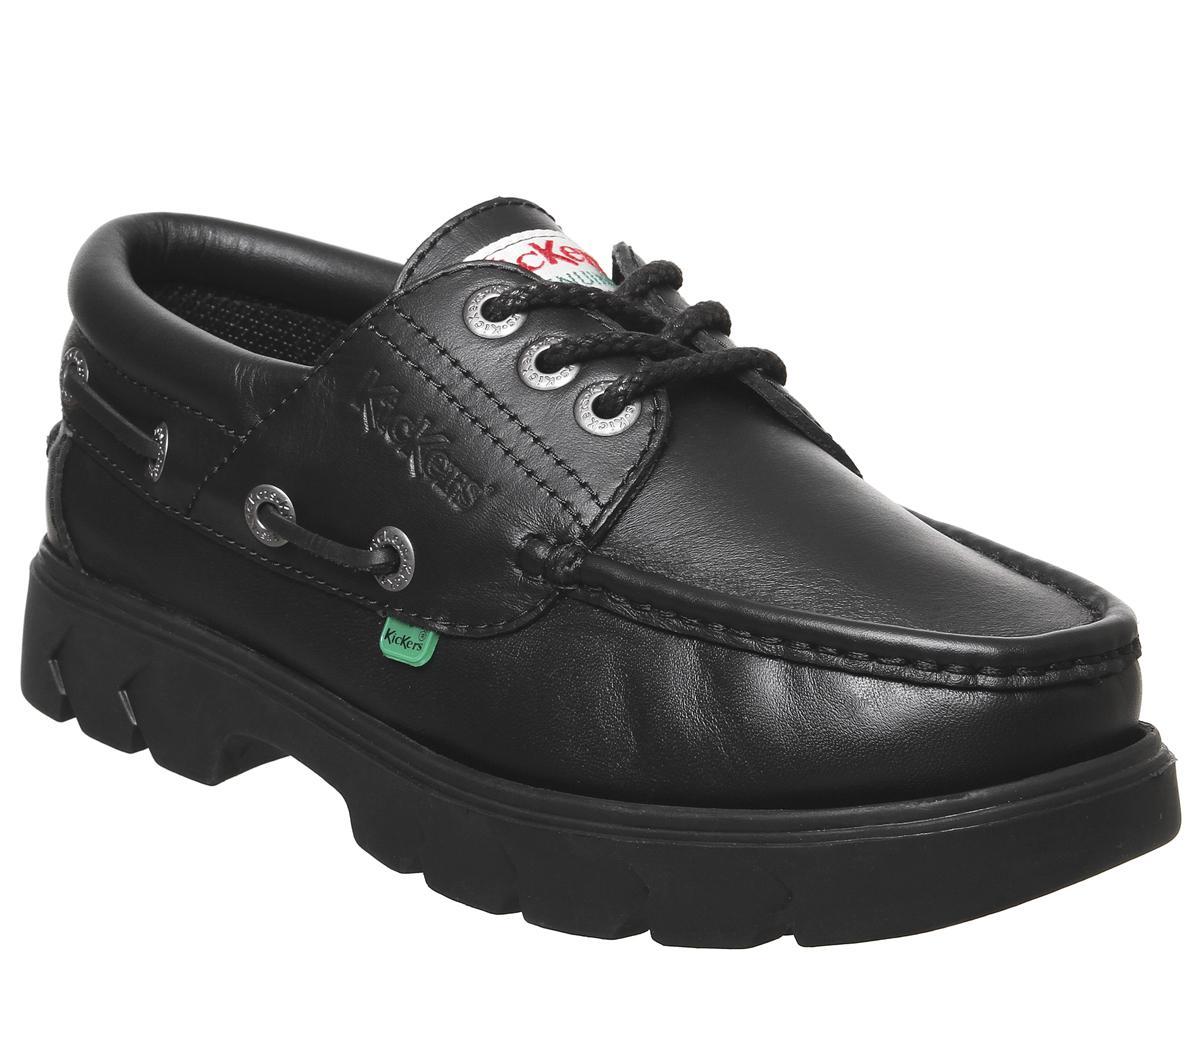 Kickers Lennon Boat Shoe Black - Casual